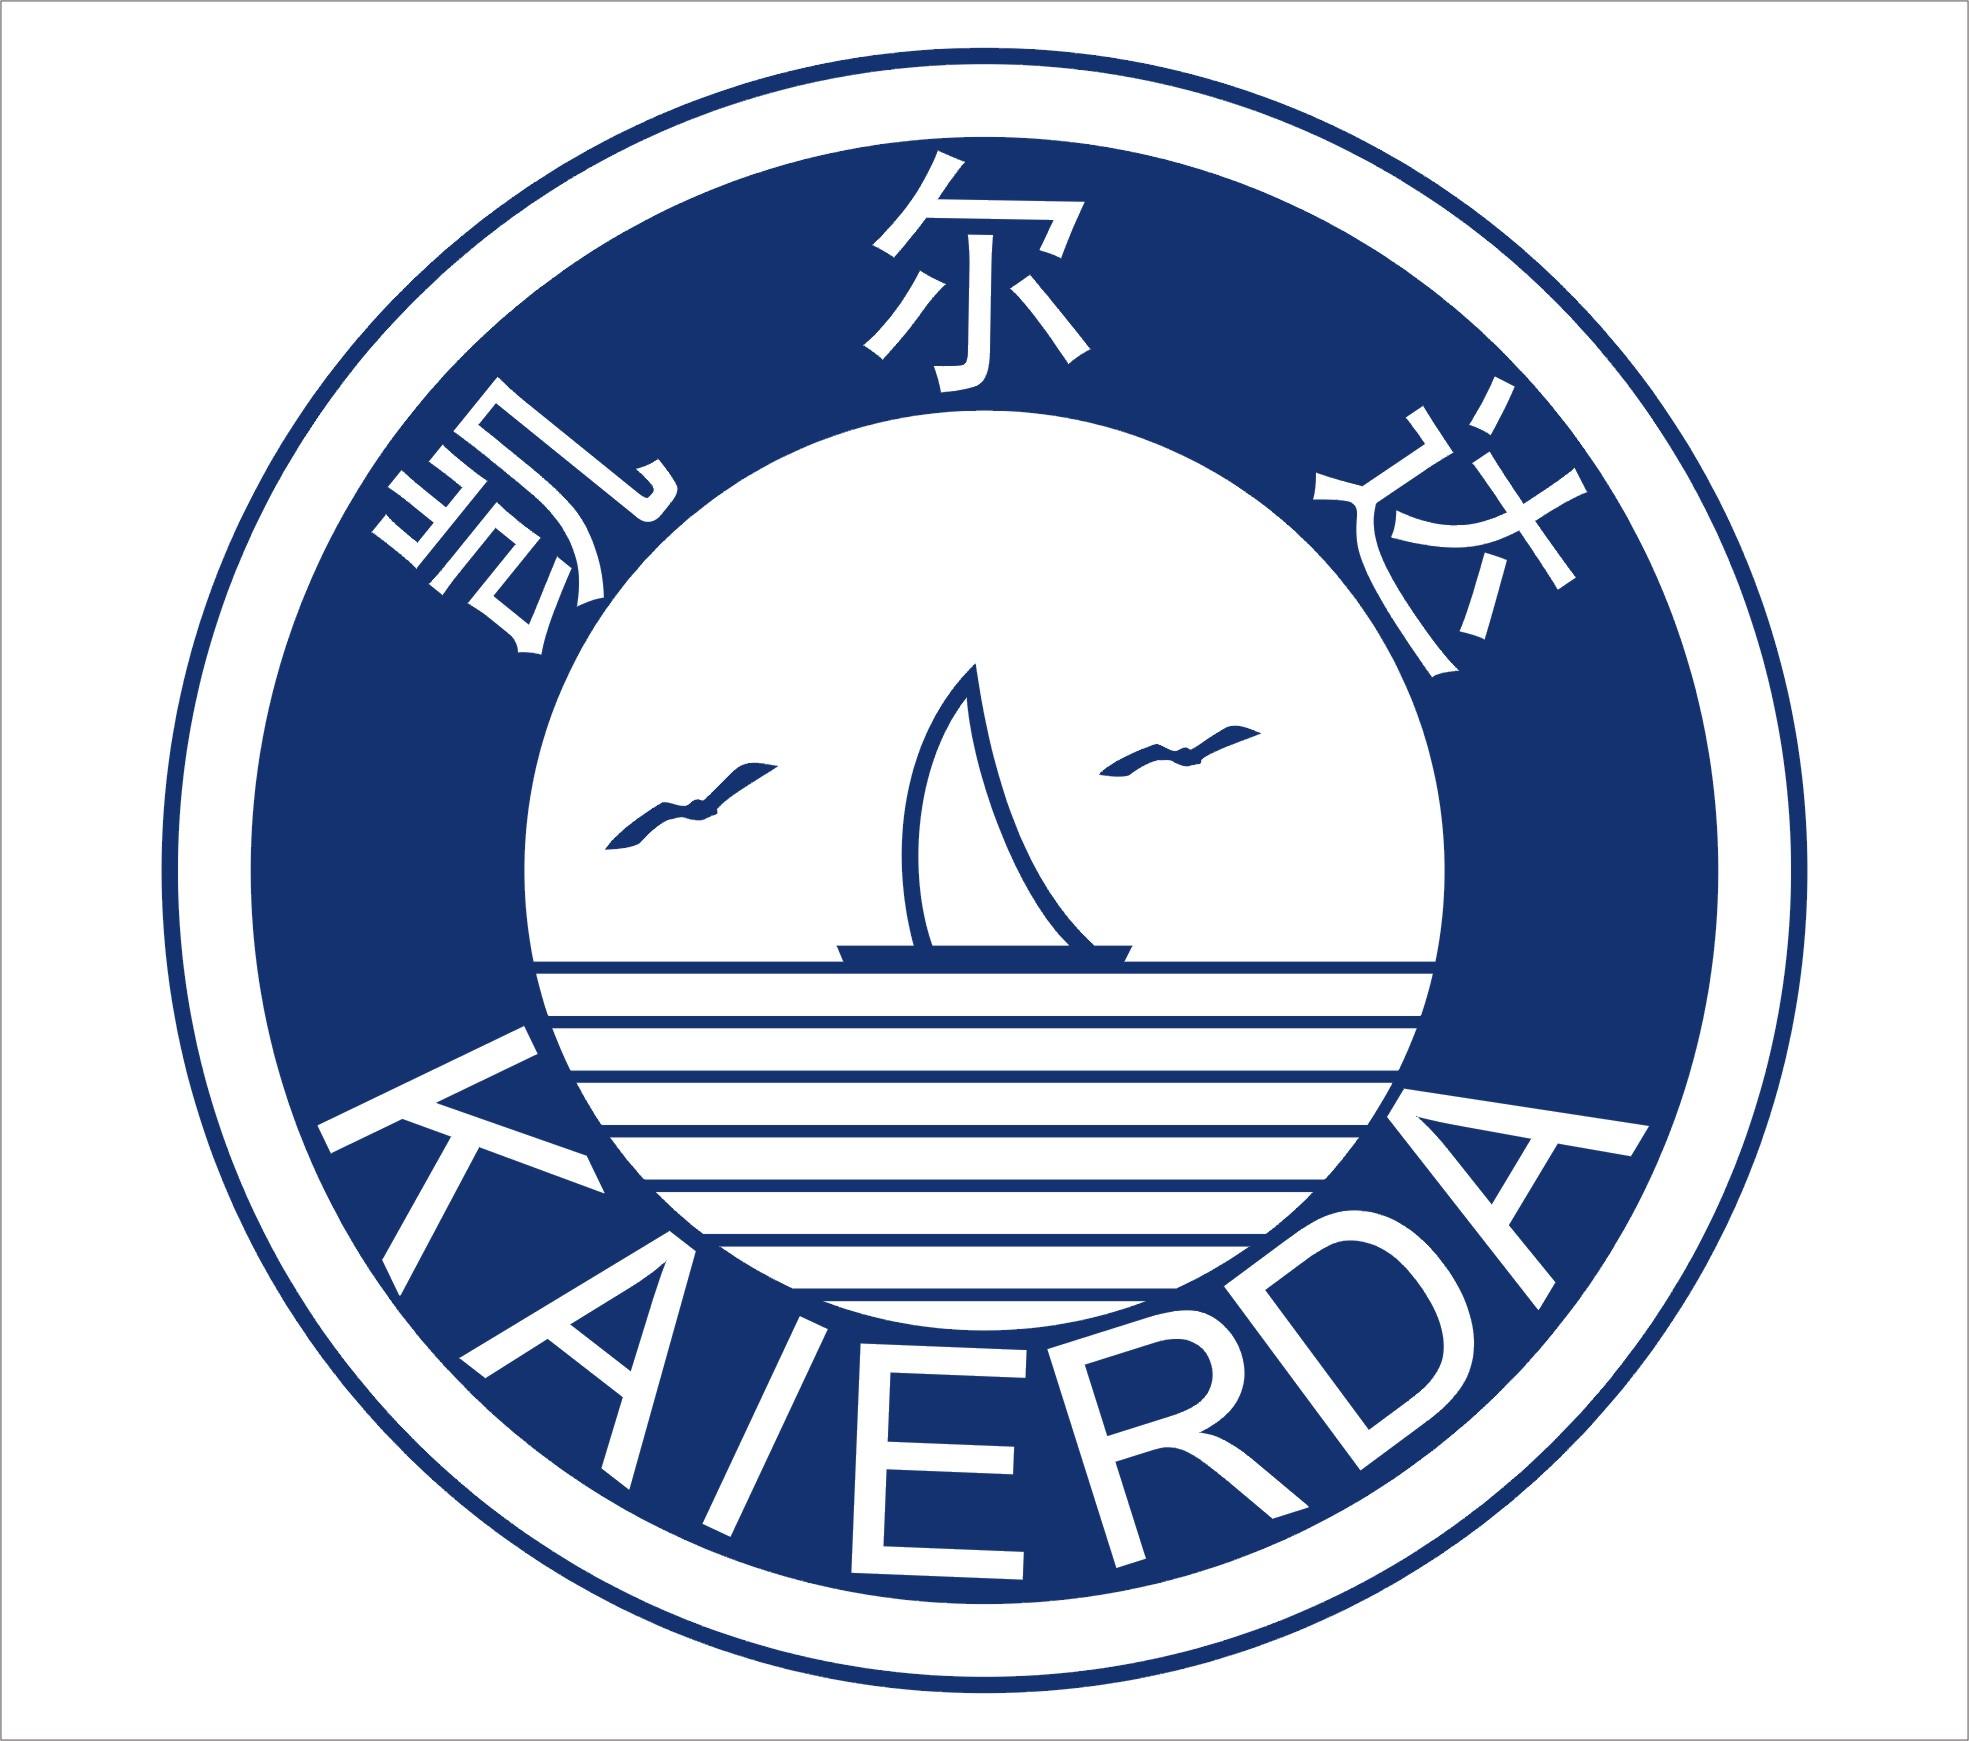 凯尔达集团有限公司